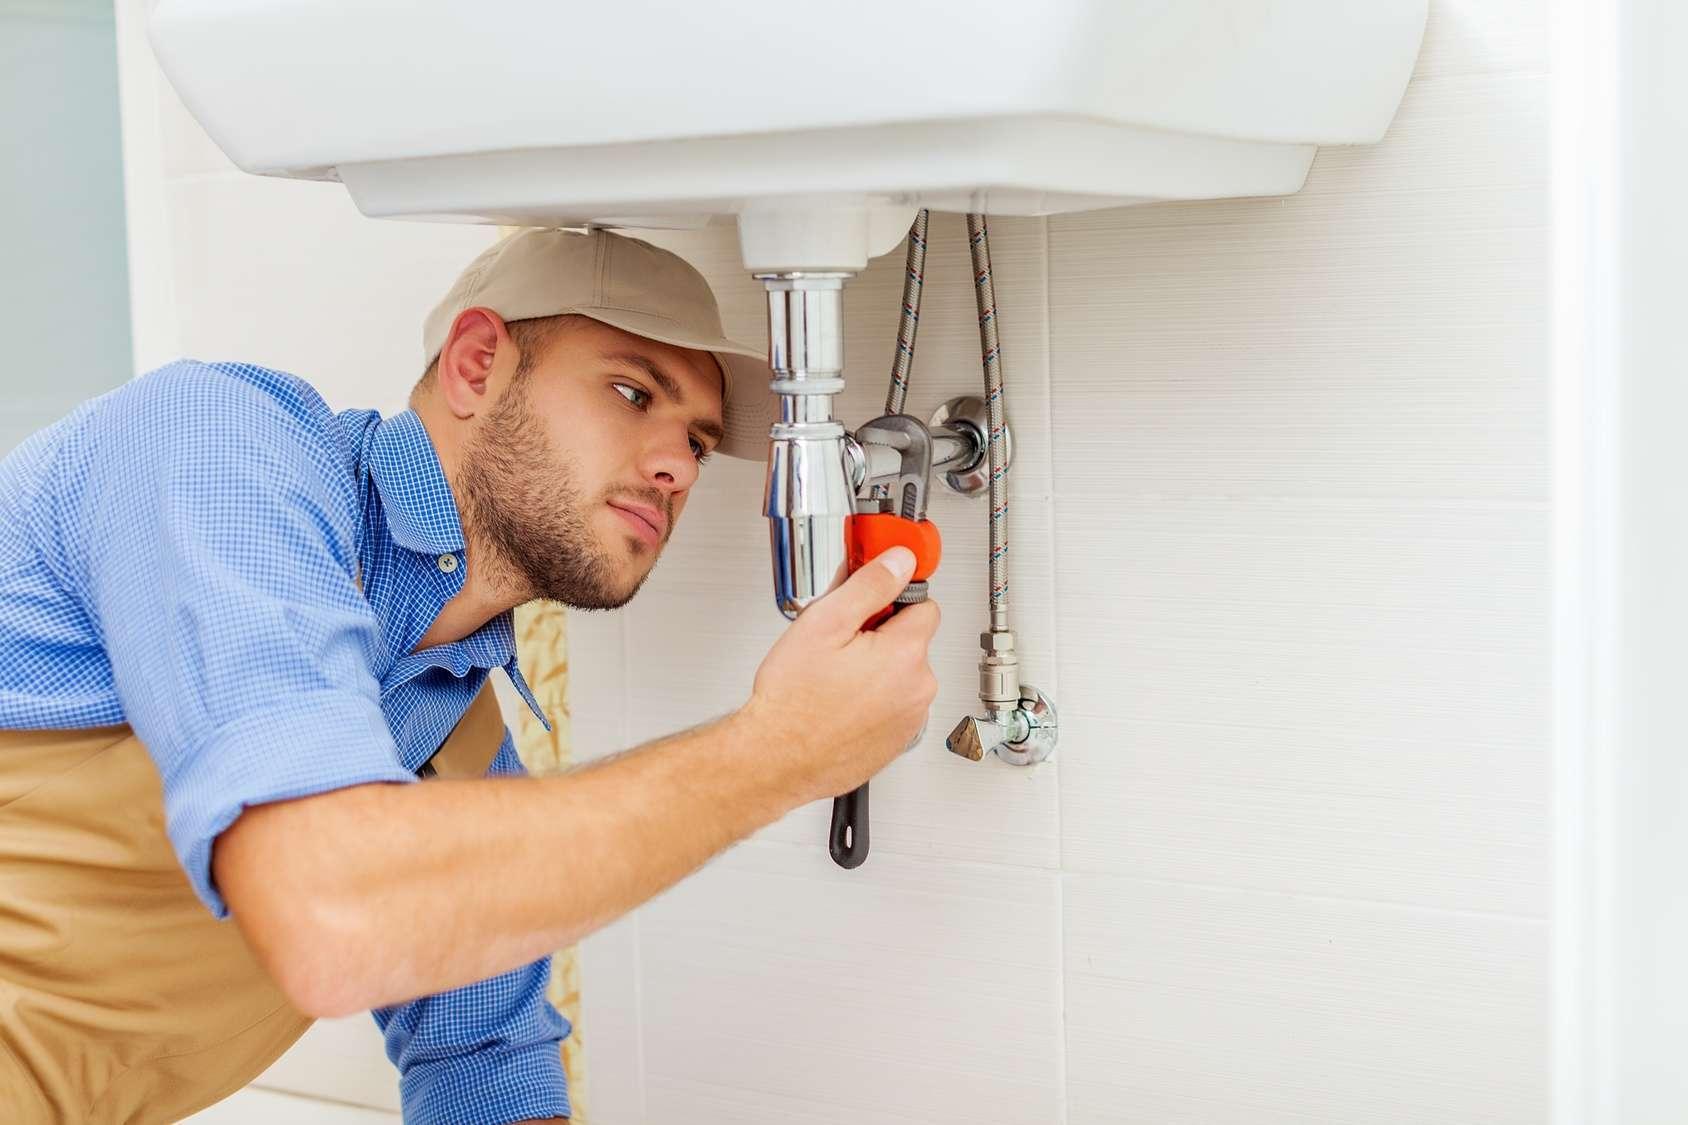 תיקון הנזילה בעבודה נקייה וזהירה